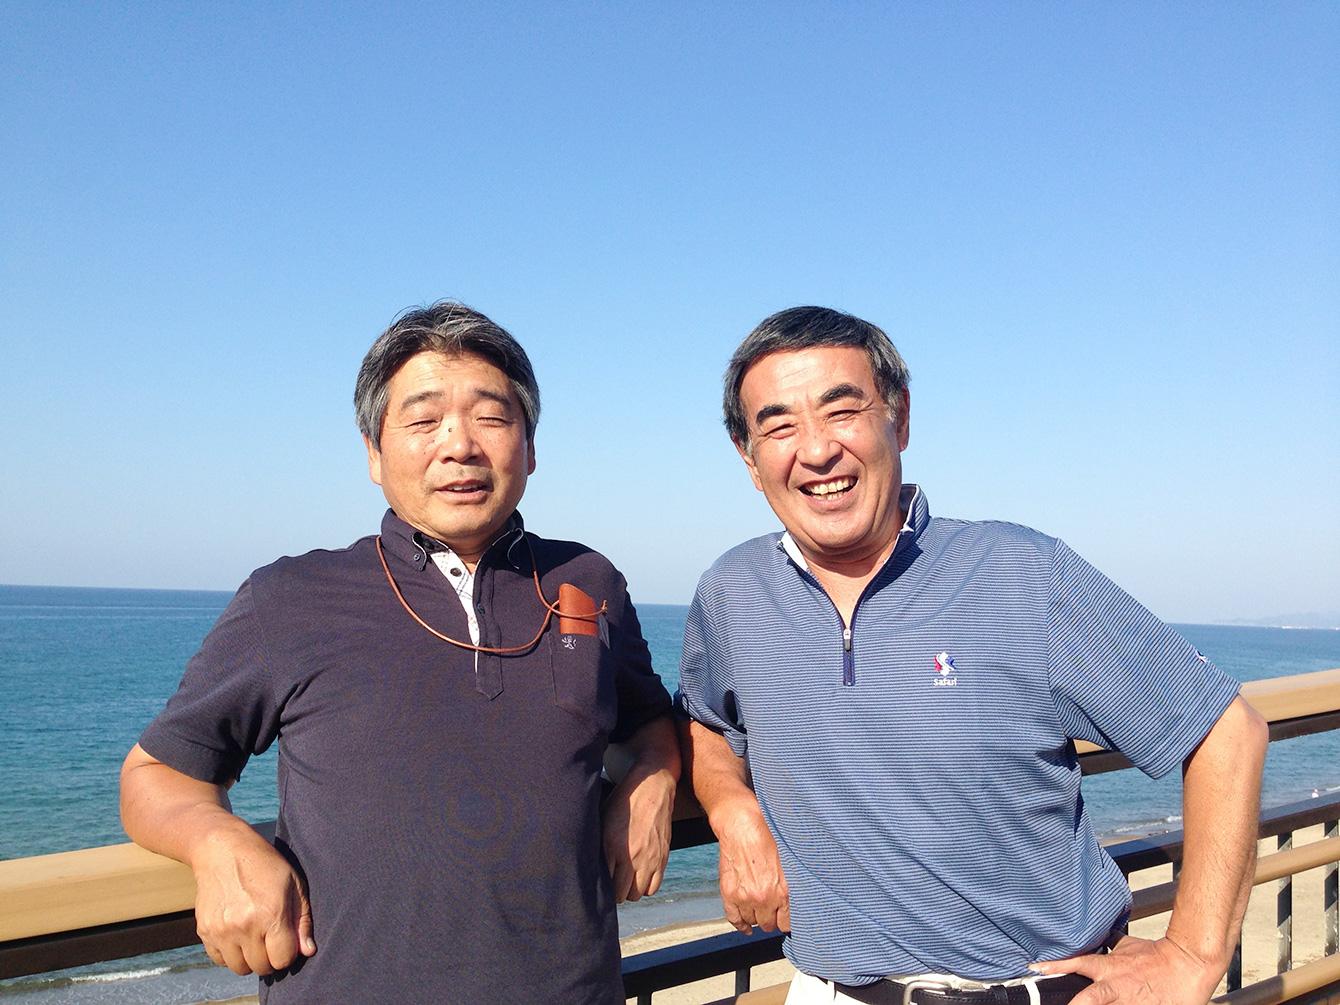 NPO法人グリーンバレー理事の岩丸さん(右)、佐藤さん(左)。